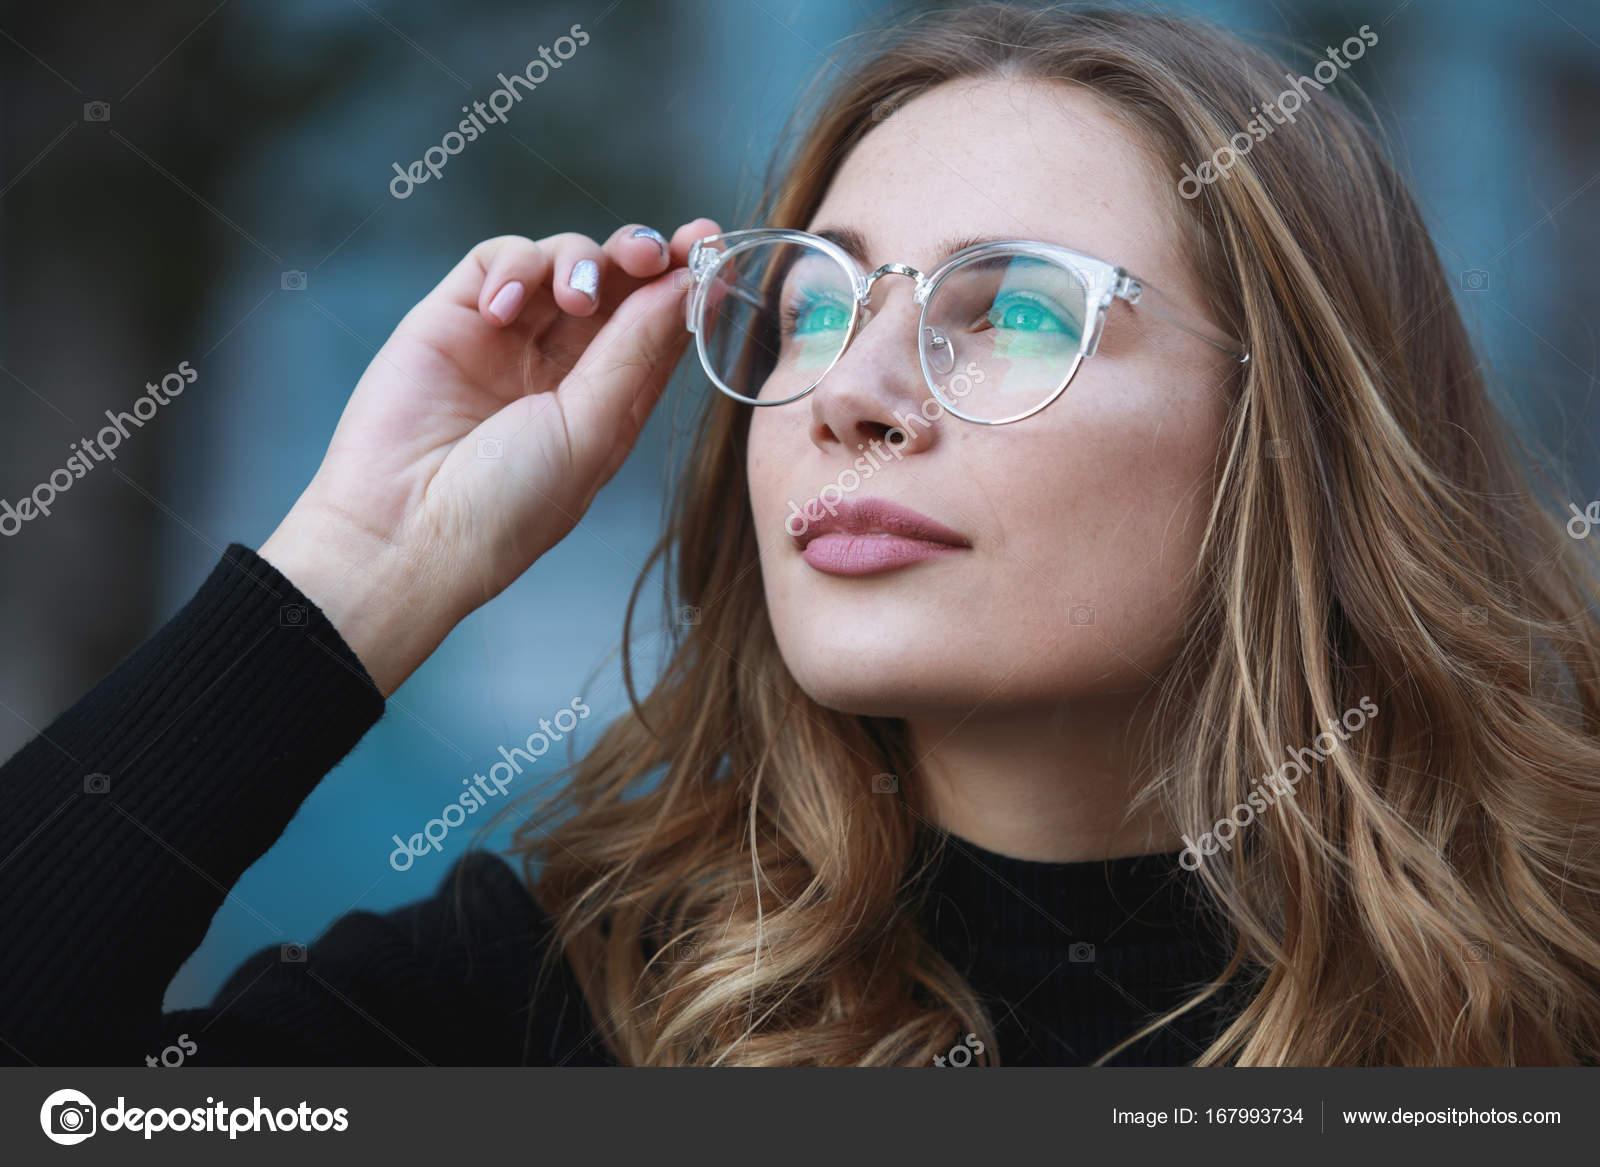 Kurzsichtigkeit, close-up Portrait der jungen Studentin in Brillen ...